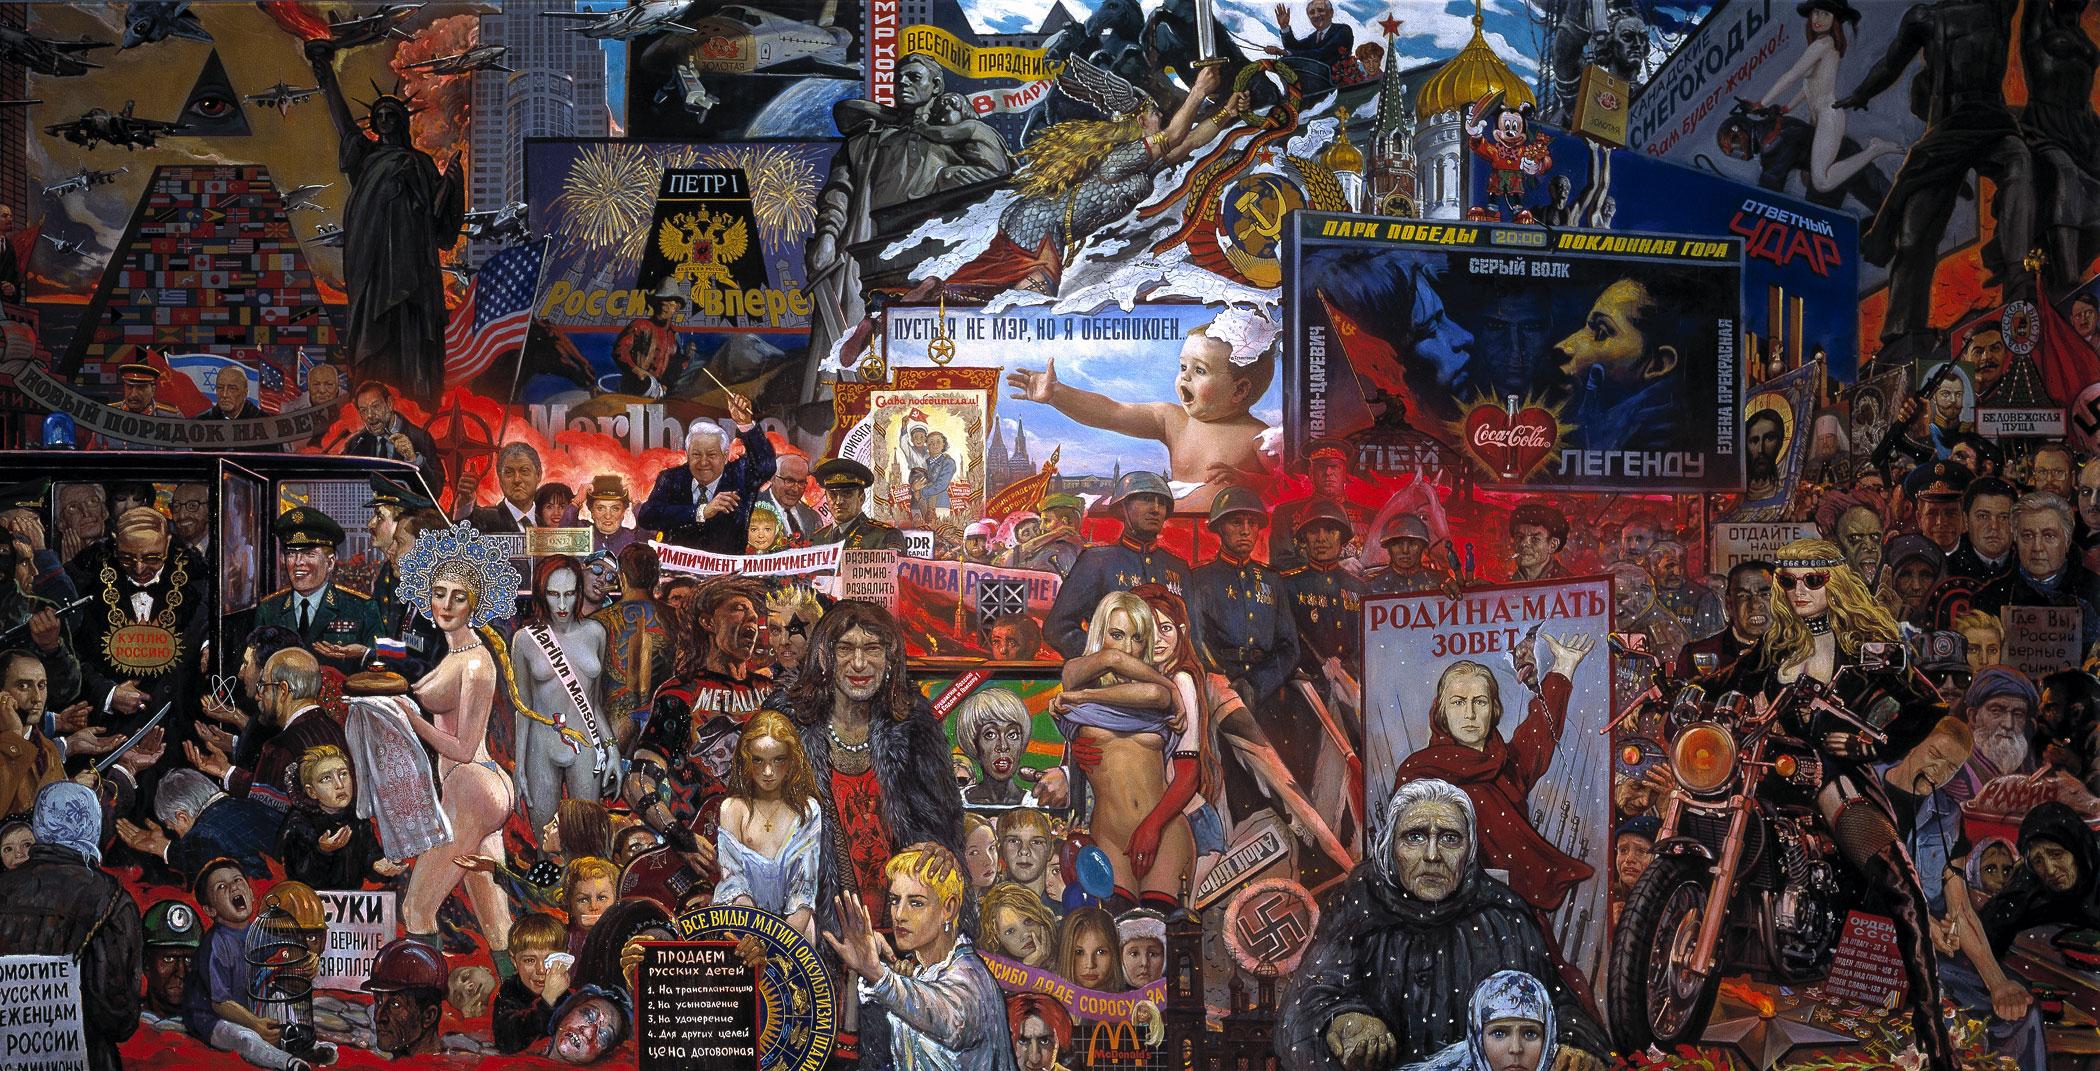 Илья Глазунов - Картинки: dempy.livejournal.com/40292.html